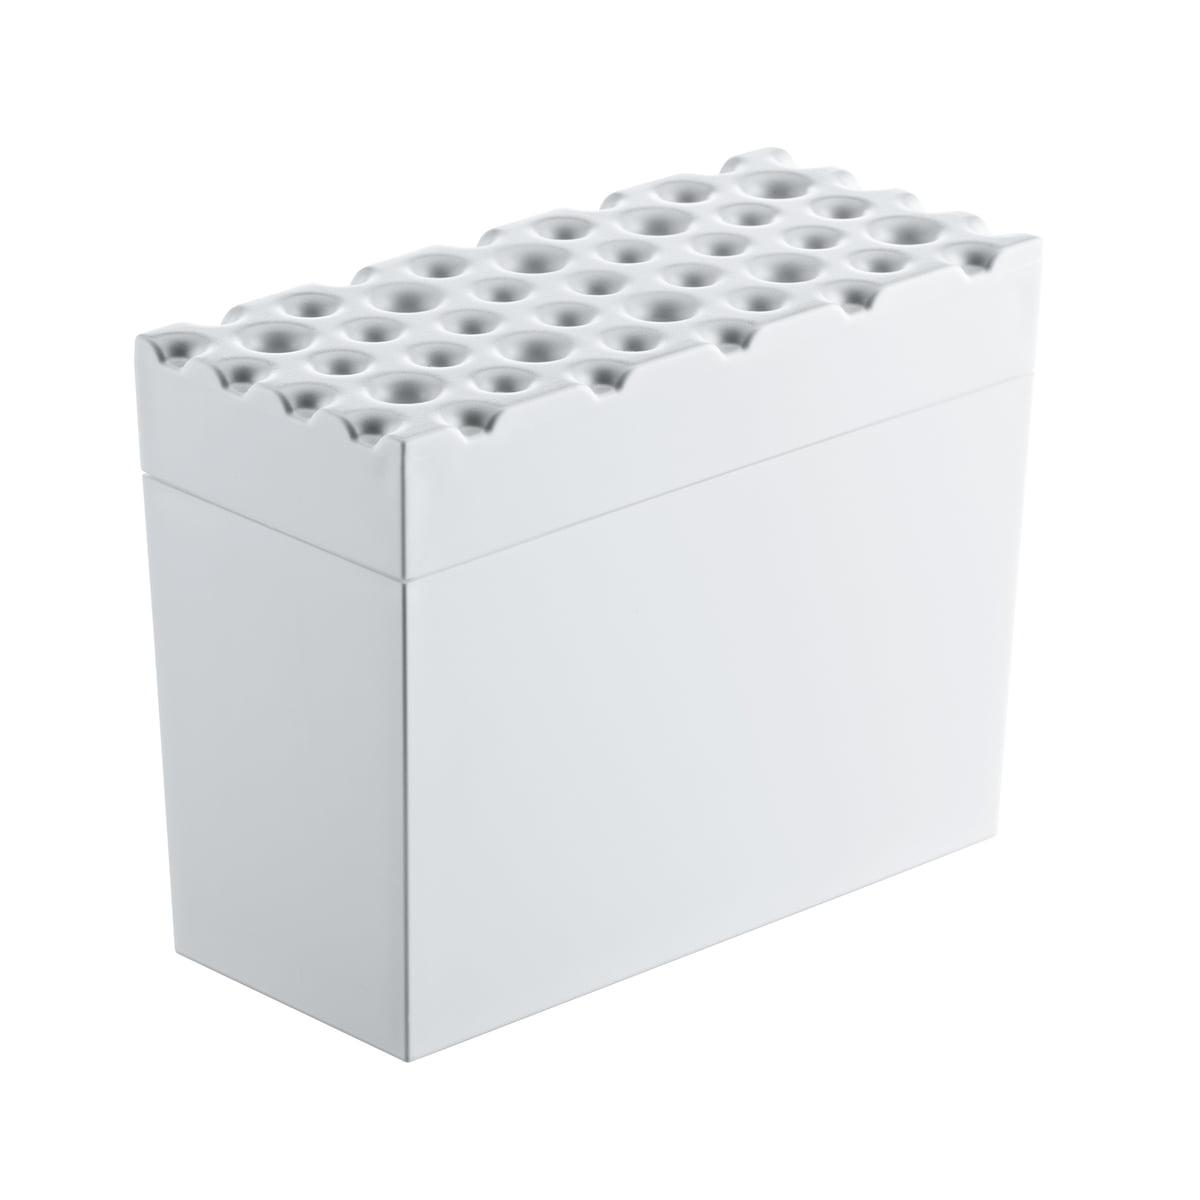 Koziol - Brød Knäckebrotbox, weiß